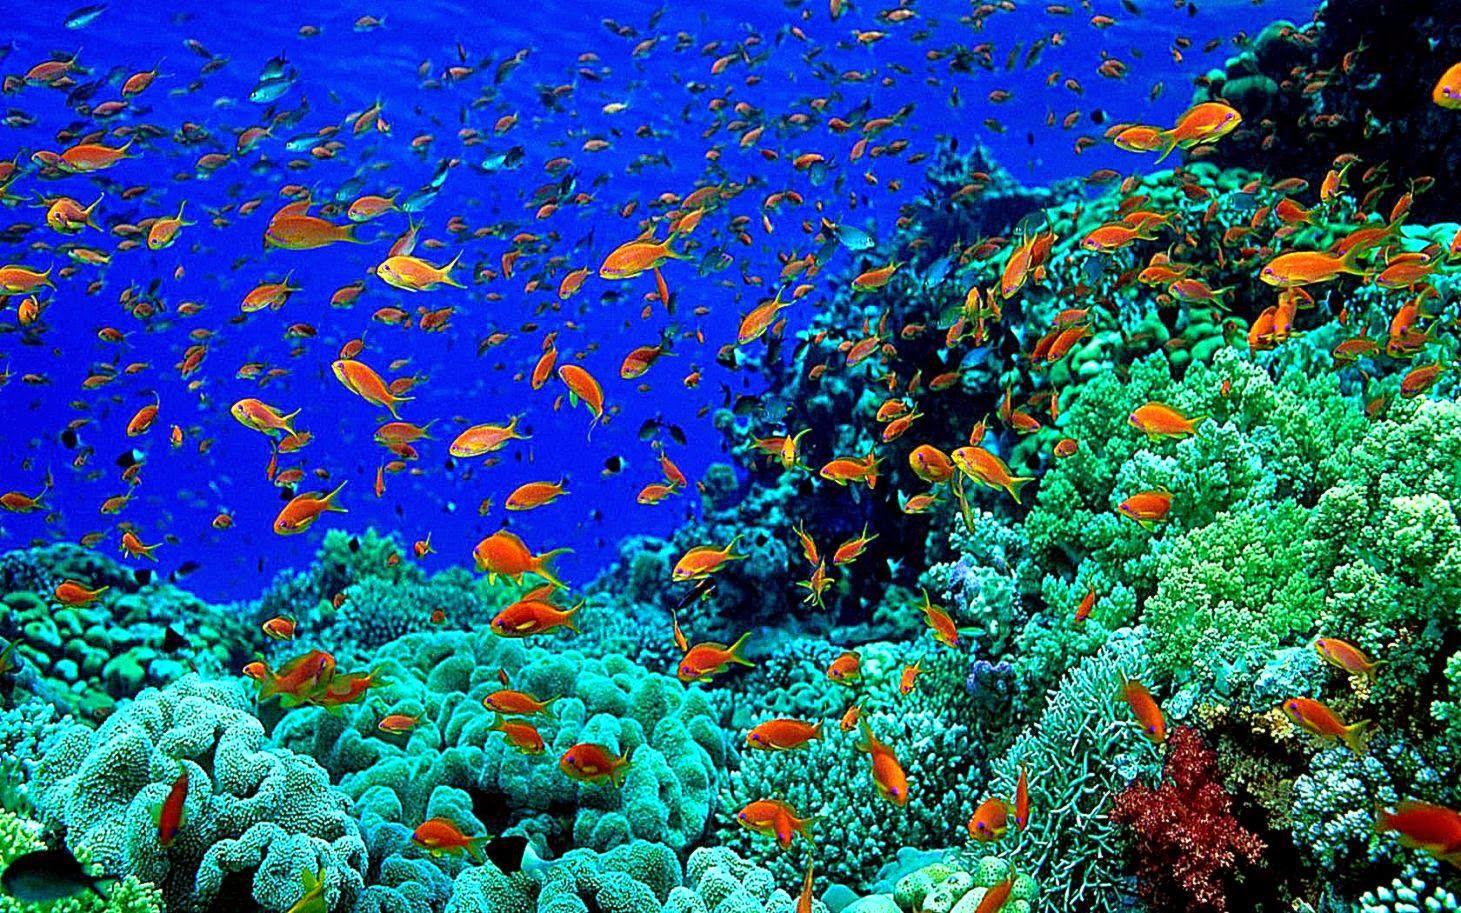 Desktop Wallpaper The Spectacle Of Underwater Photography Fish Wallpaper Underwater World Underwater Wallpaper